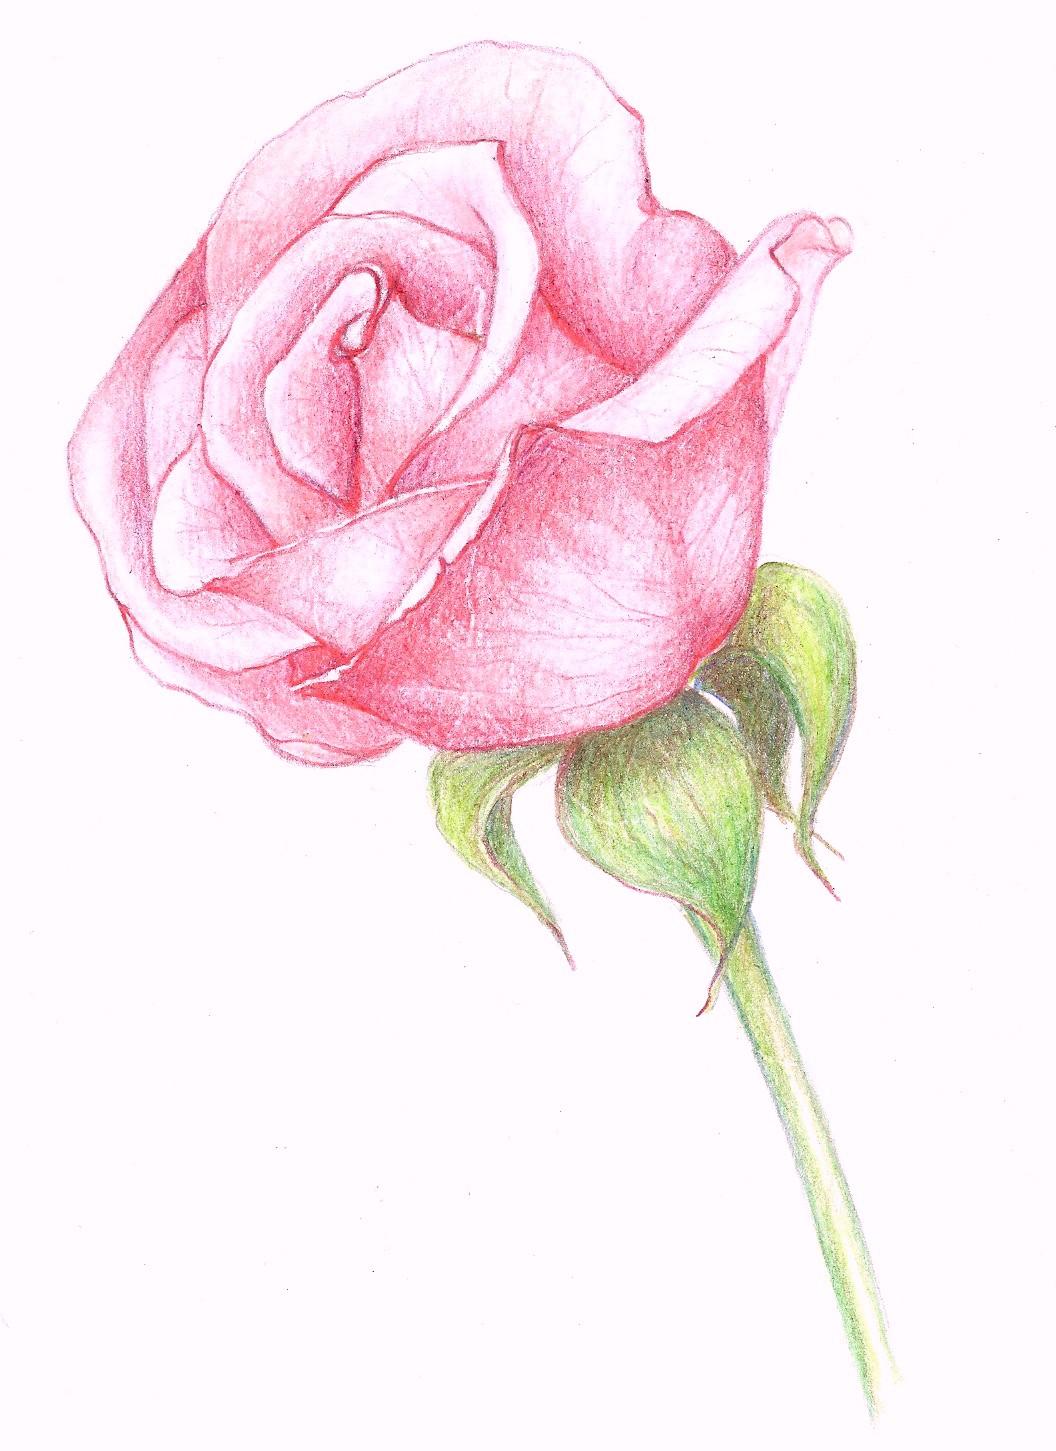 Drawn rose pink rose Ideas Rose Rose Pinterest Pink